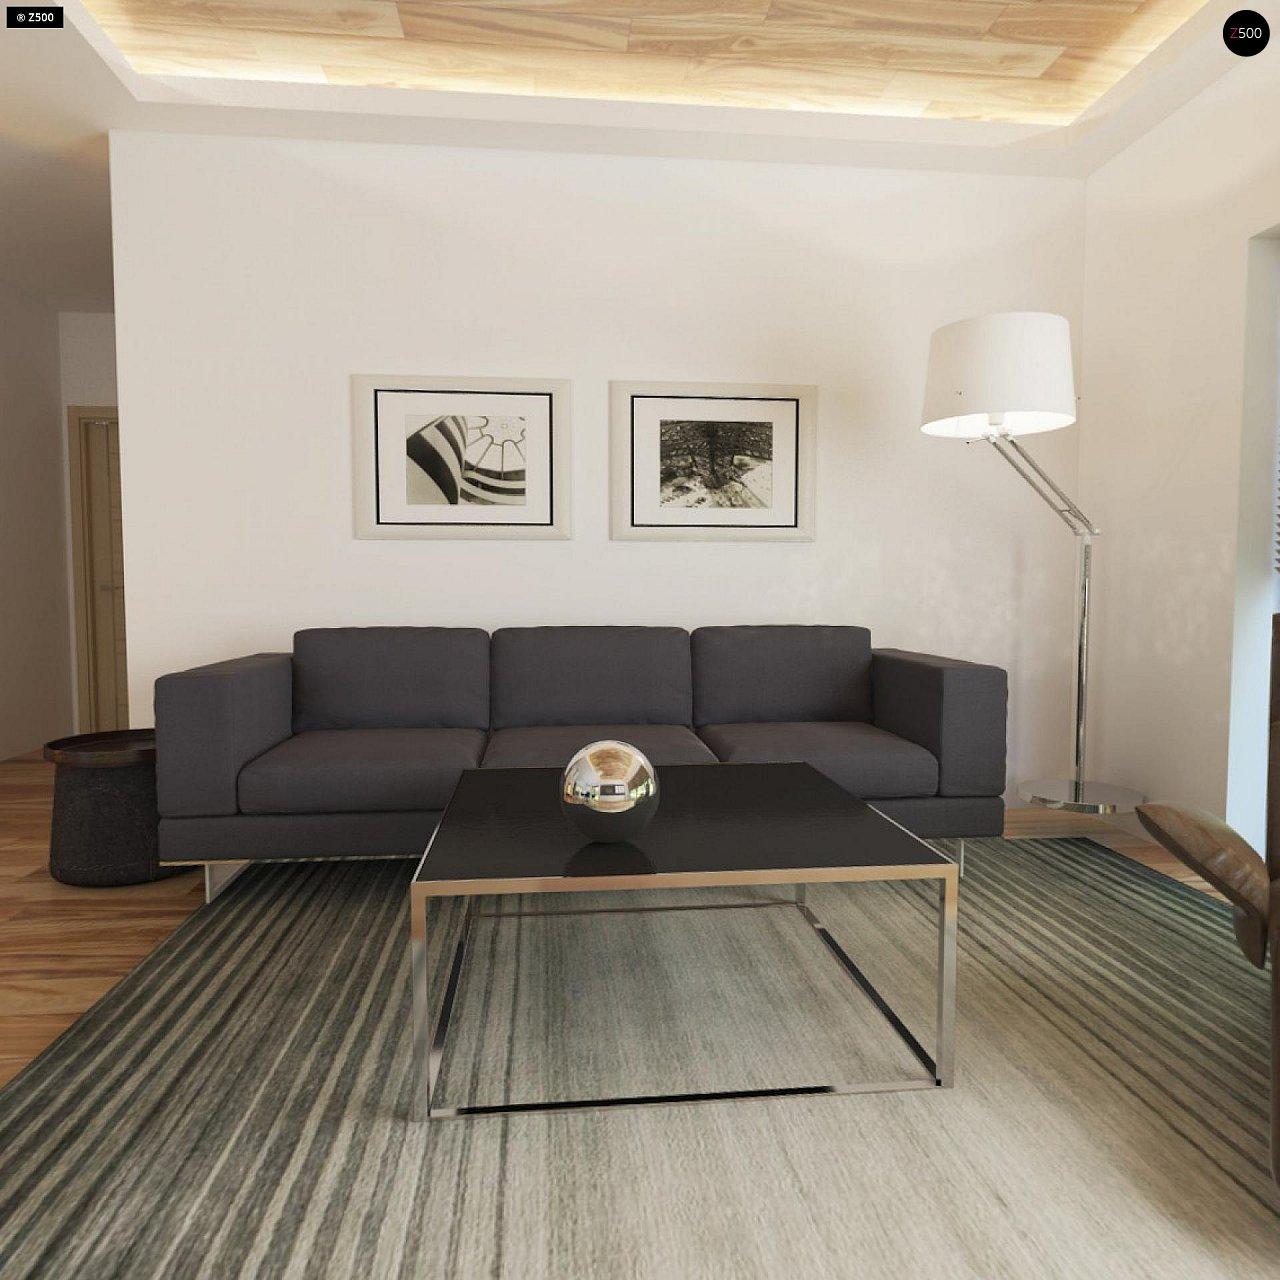 Небольшой дом из газобетона в стиле хай-тек — элегантный, практичный и экономичный. - фото 8